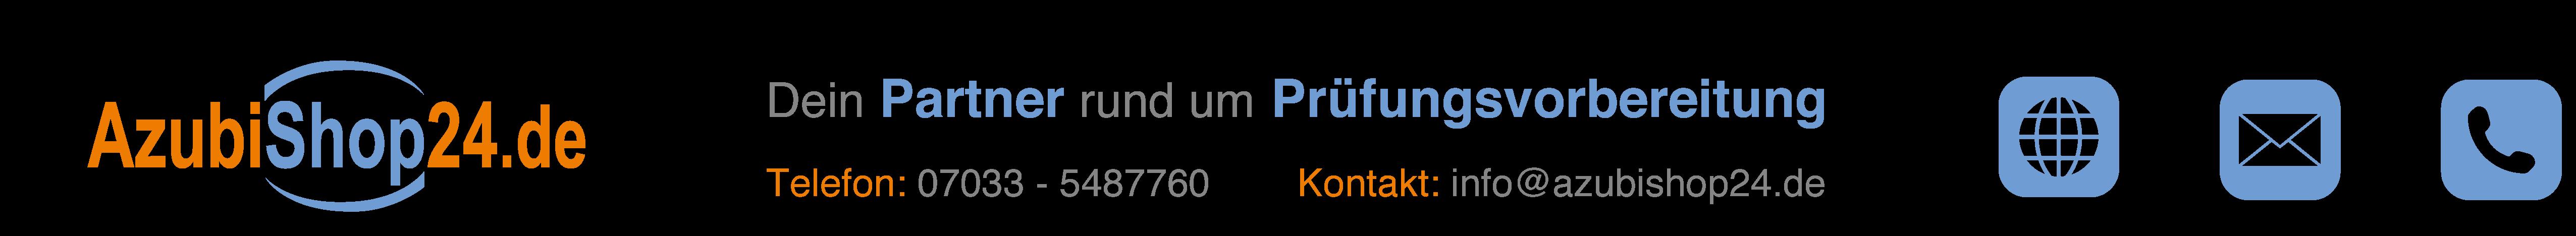 Pruefungsvorbereitung-Ausbildung Logo